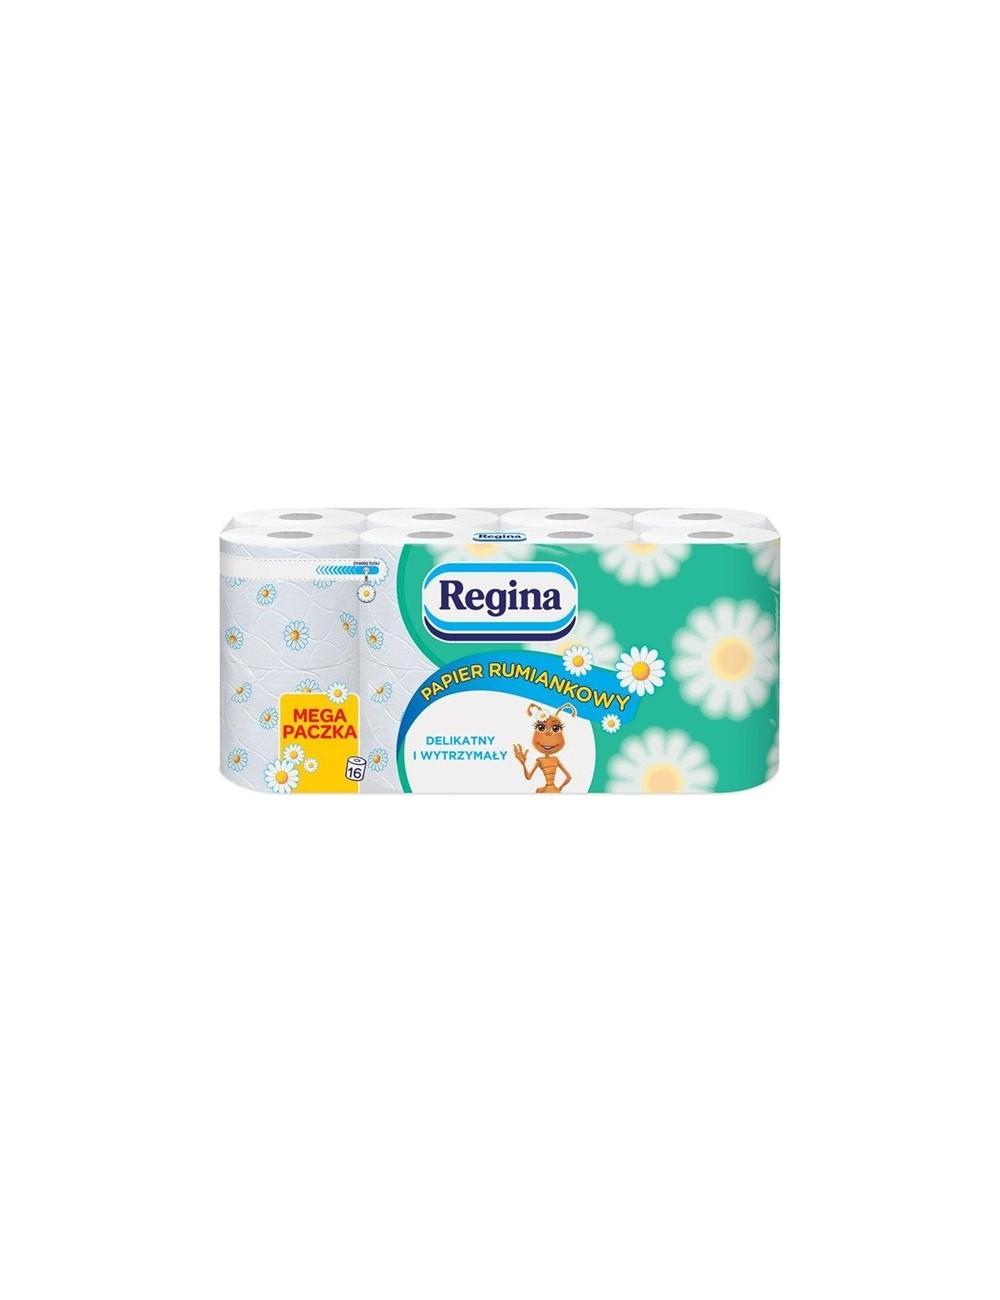 Regina Papier Toaletowy Delikatny i Wytrzymały Rumianek 3-warstwowy Celuloza (16 rolek)